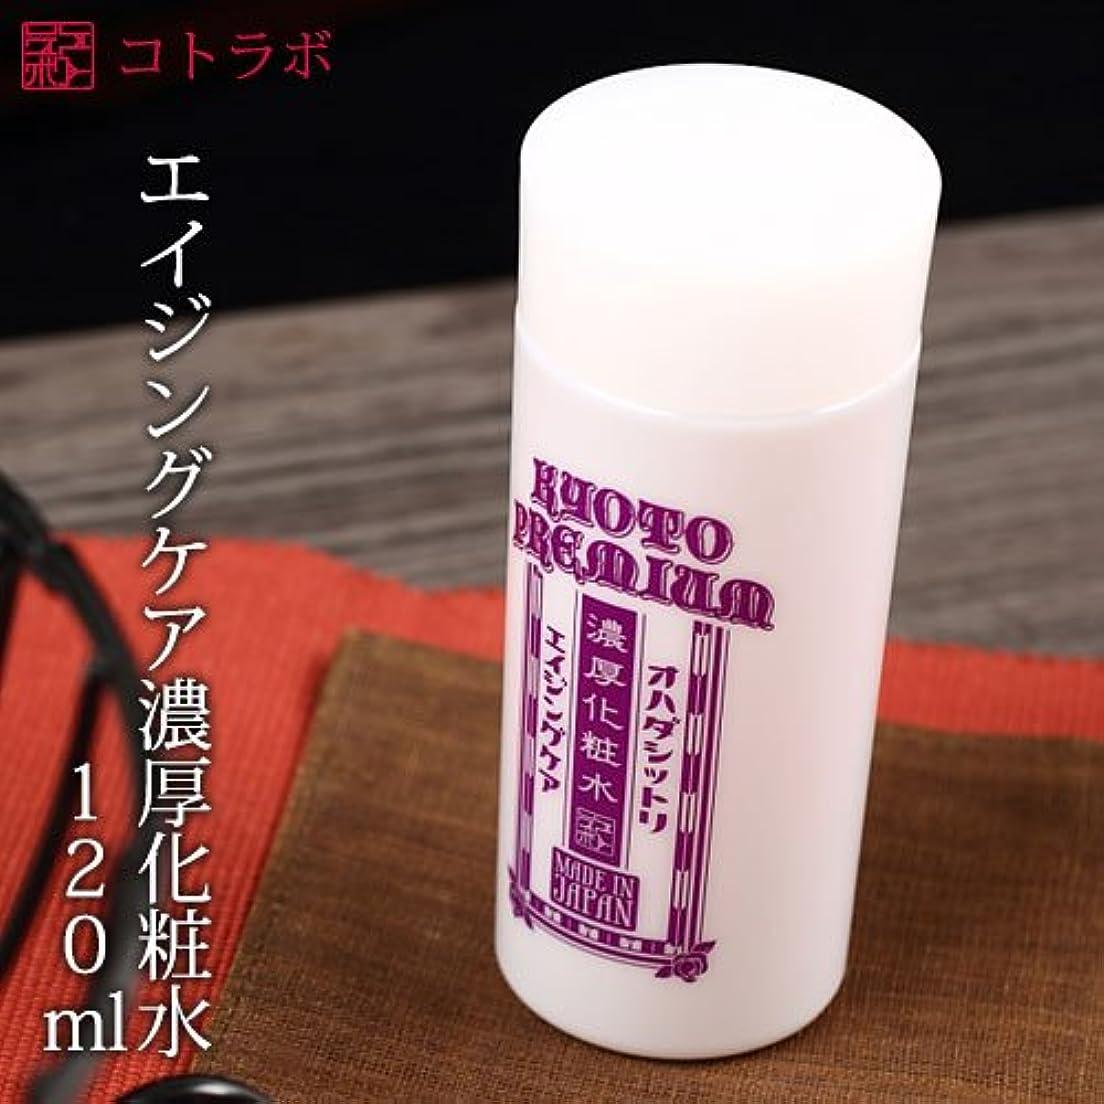 通訳ペルソナ疫病コトラボ濃厚化粧水コンセントレイトローションナールスゲン配合のエイジングケア化粧水120ml